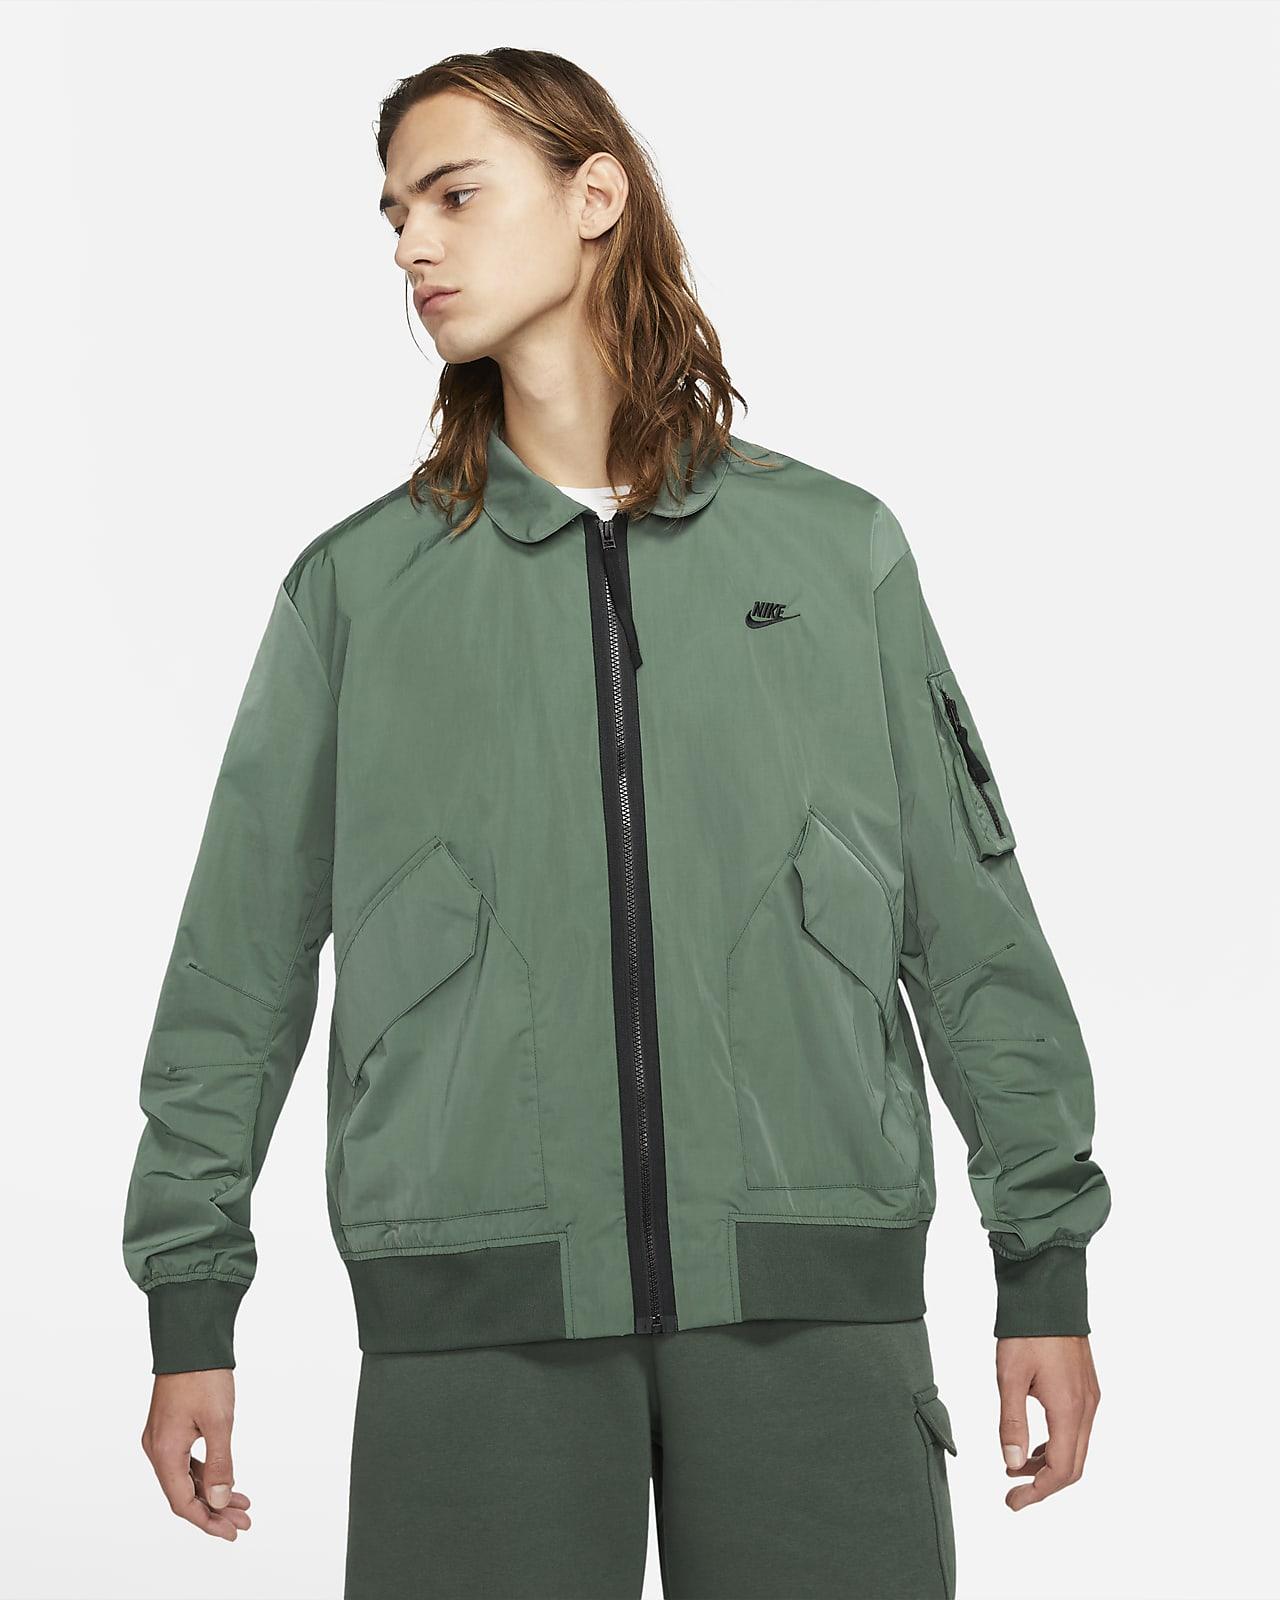 Nike Sportswear Herren-Bomberjacke